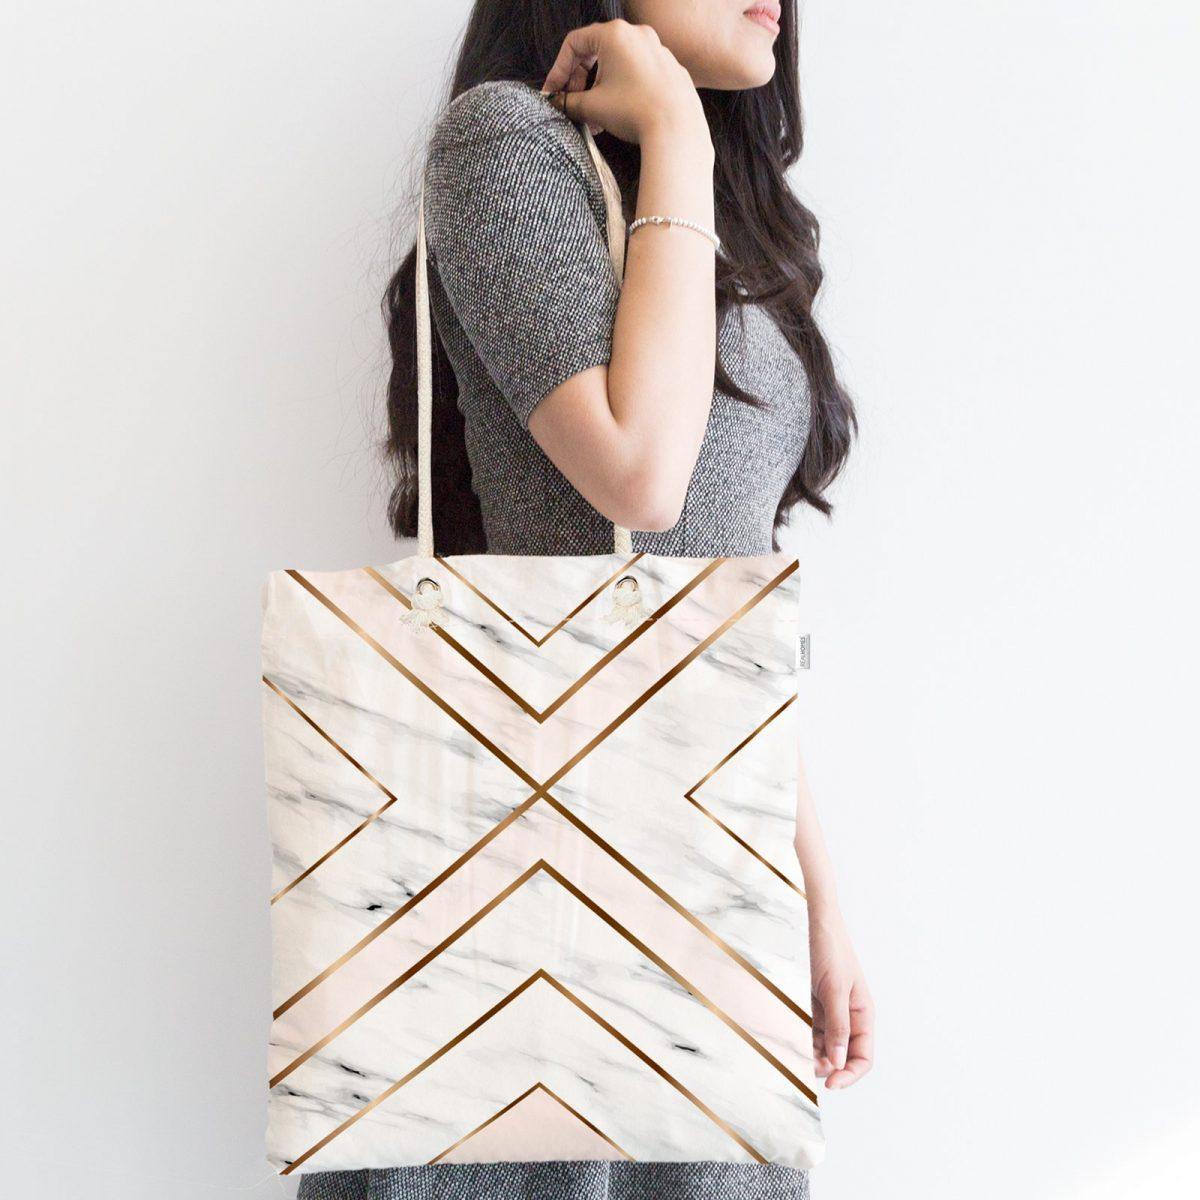 Mermer Zeminli Geometrik Detaylı Modern Fermuarlı Kumaş Çanta Realhomes